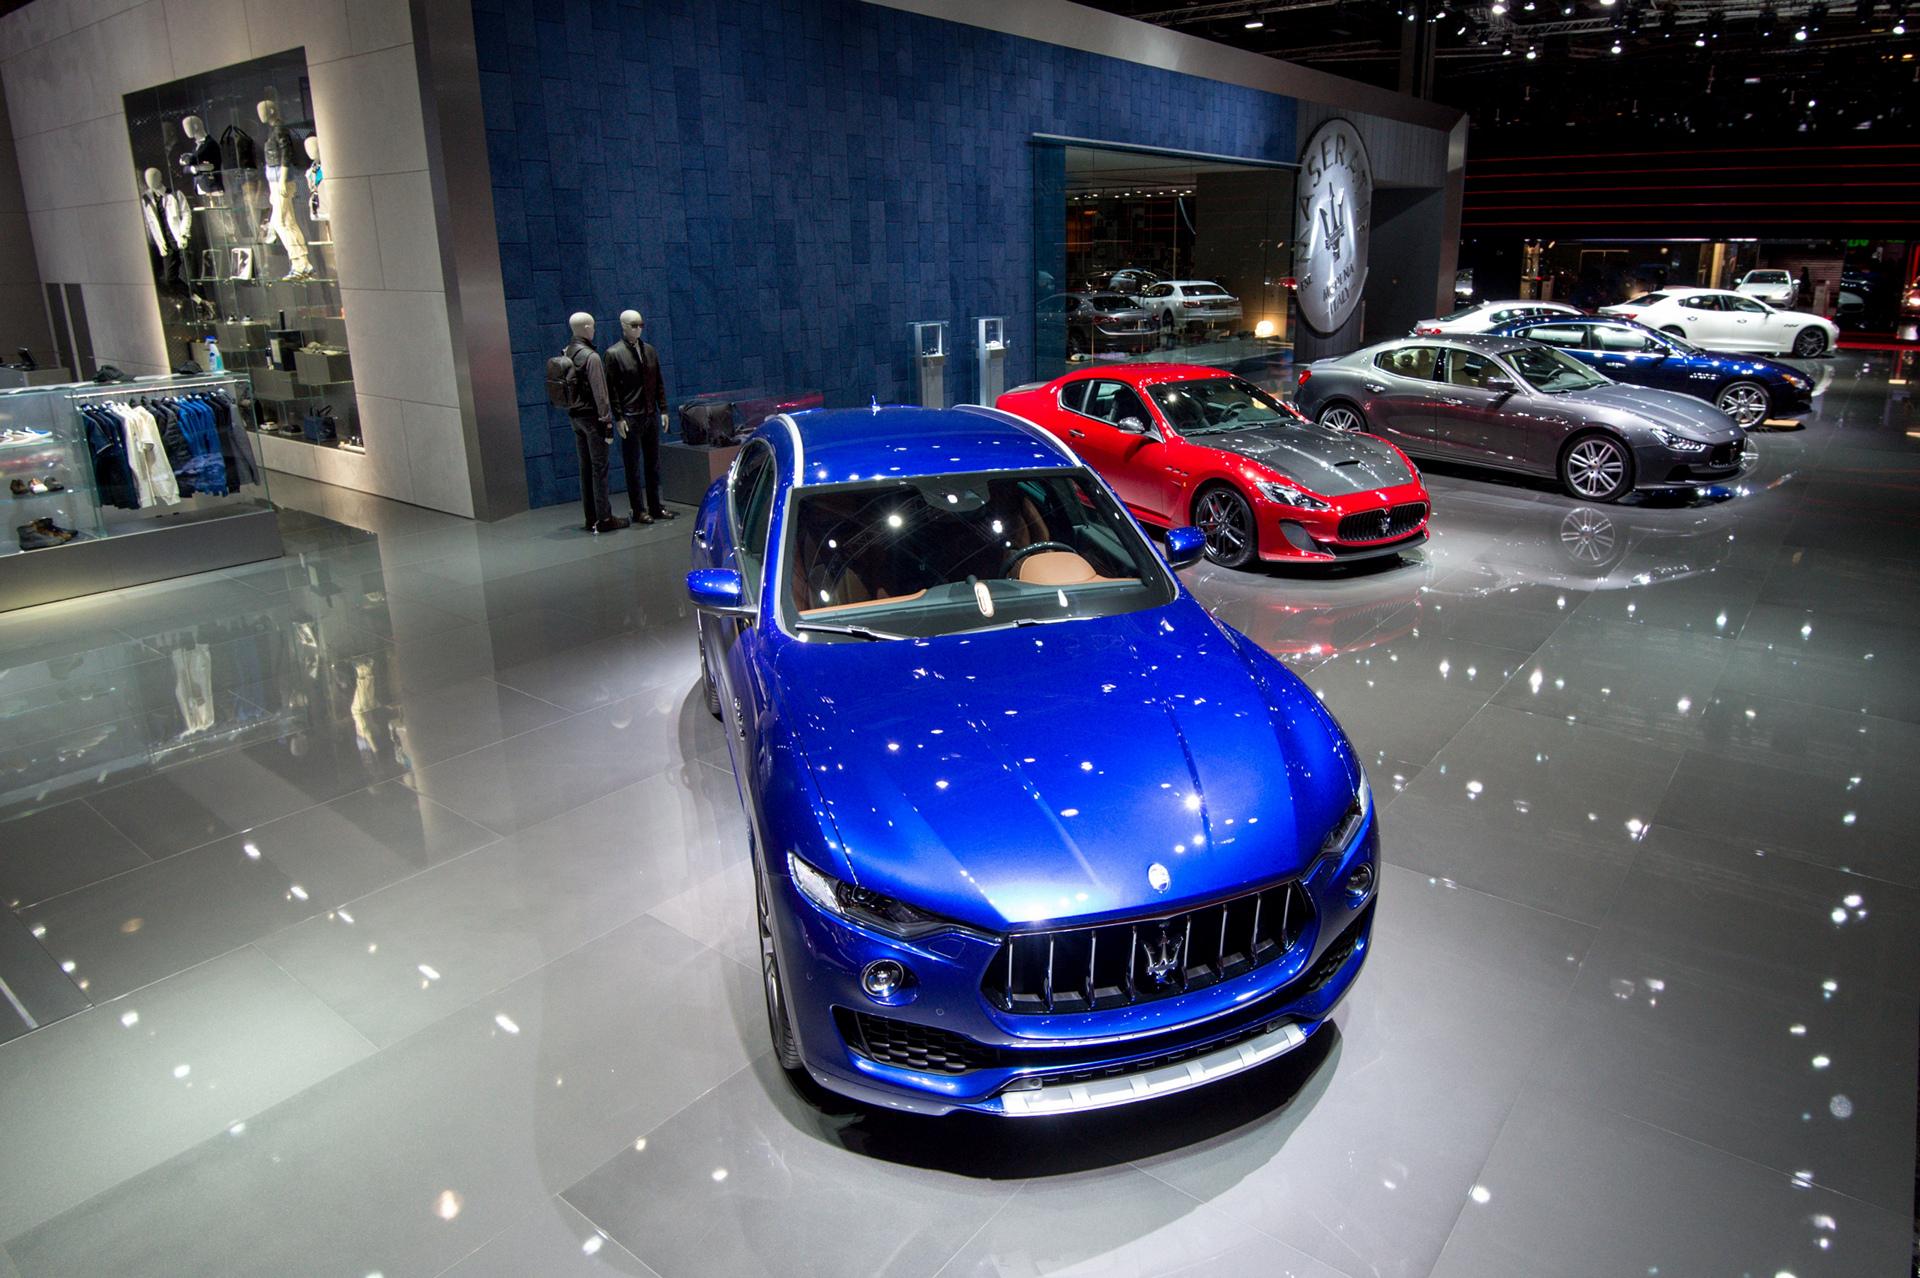 Paris Motor Show © Fiat Chrysler Automobiles N.V.